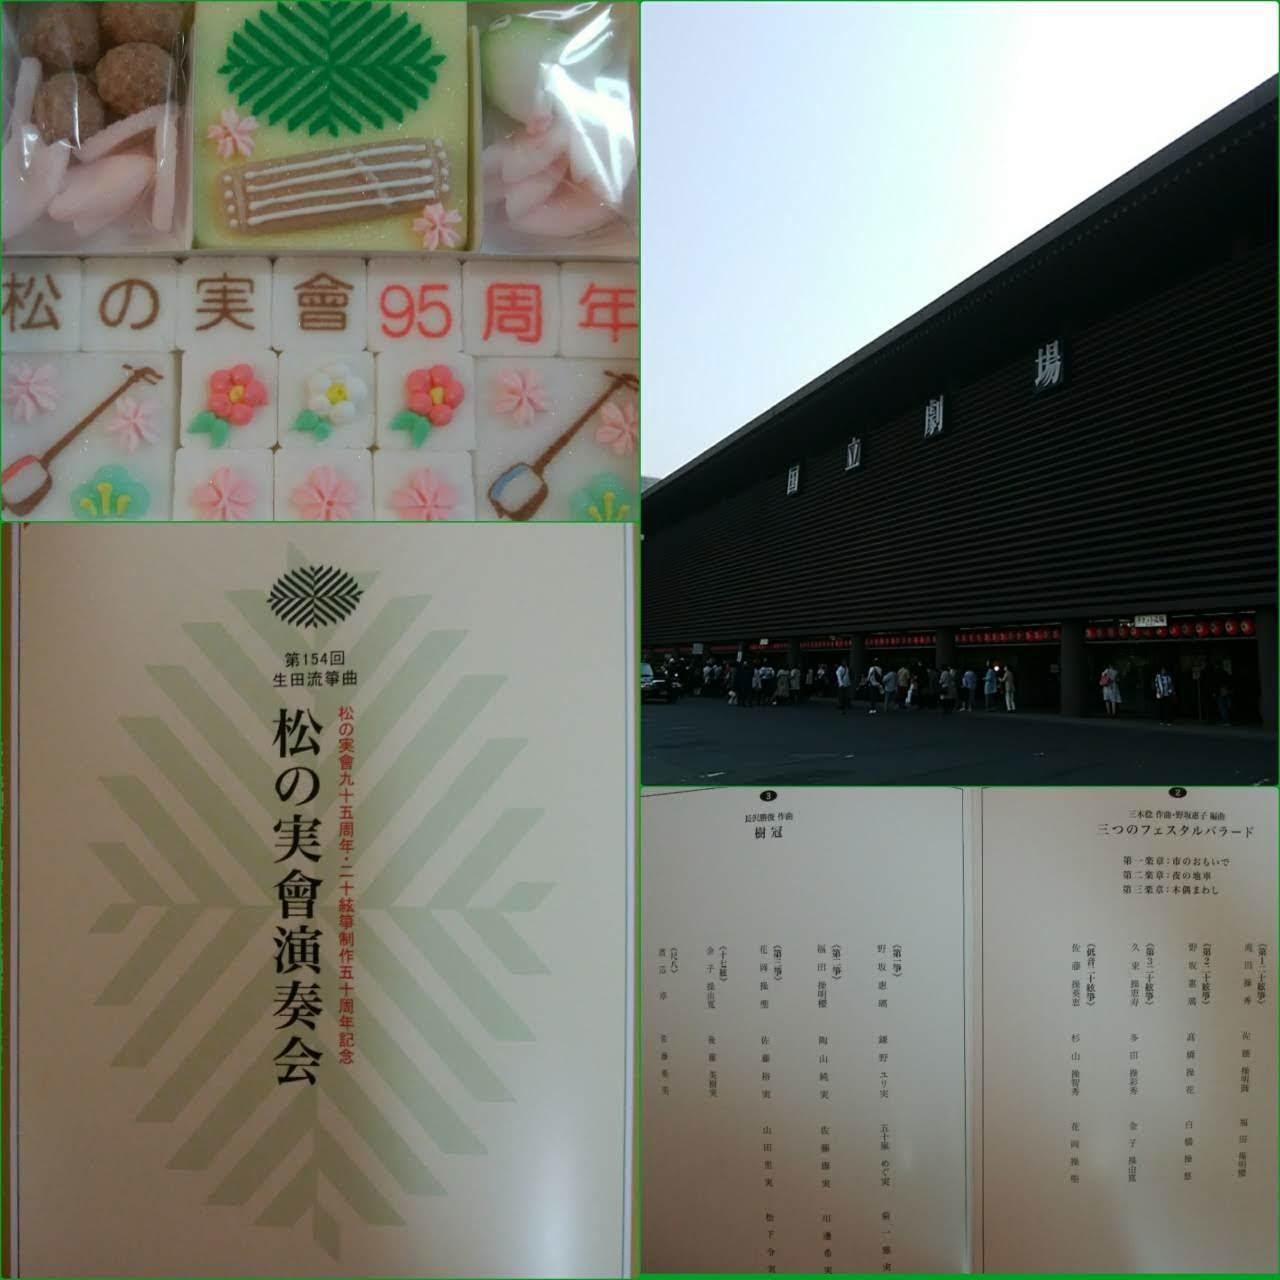 19-04-23-22-10-52-392_deco-1280x1280.jpg